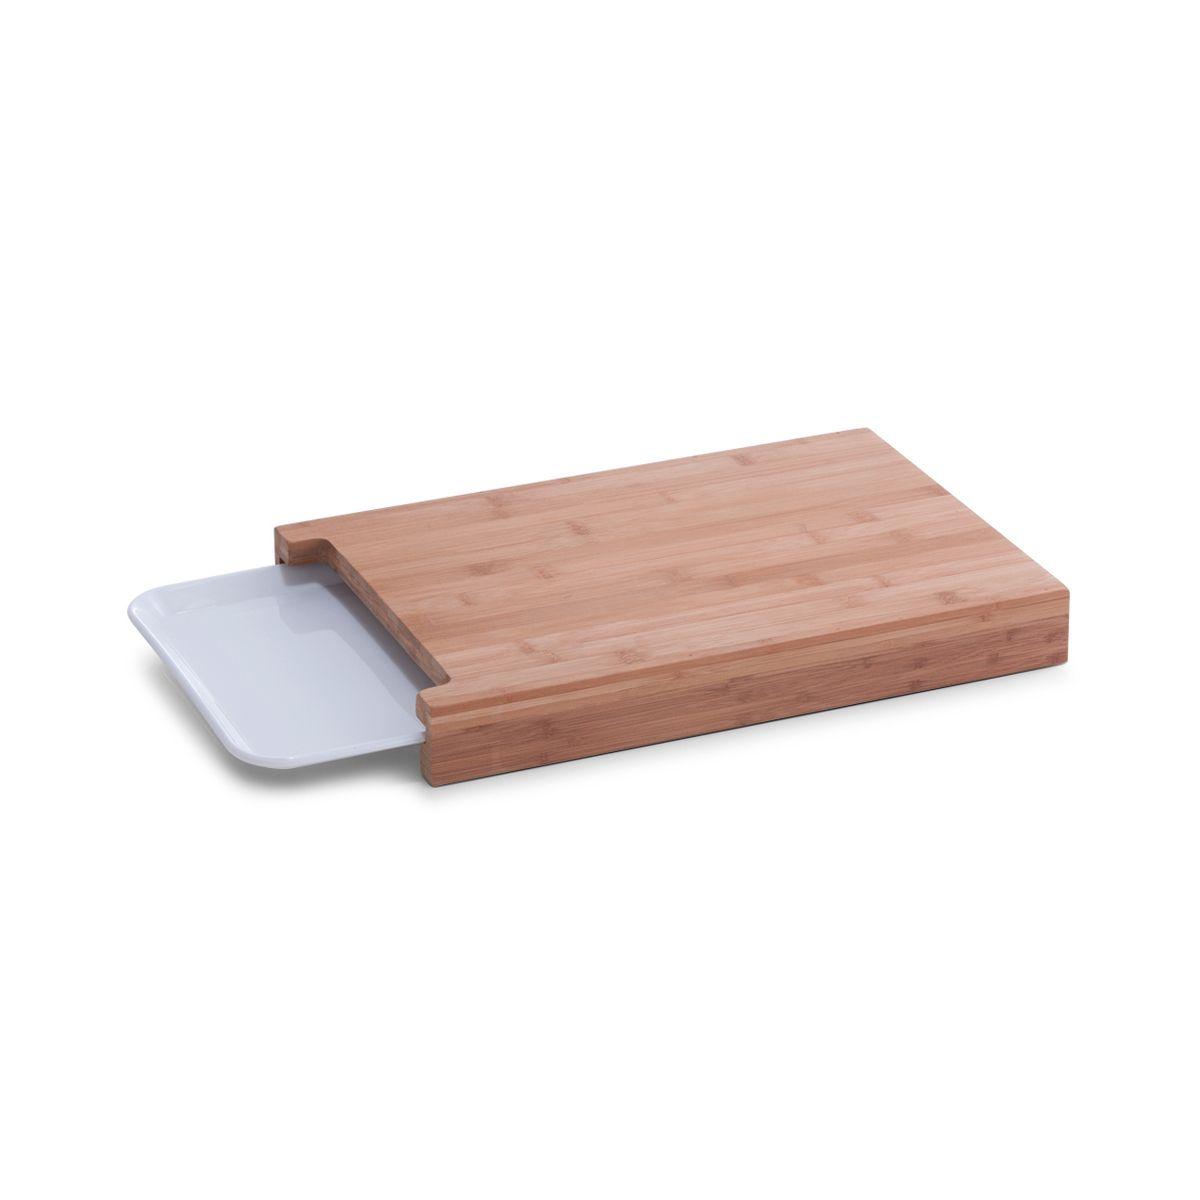 Planche à découper avec plateau. bambou / mélamine - Zeller